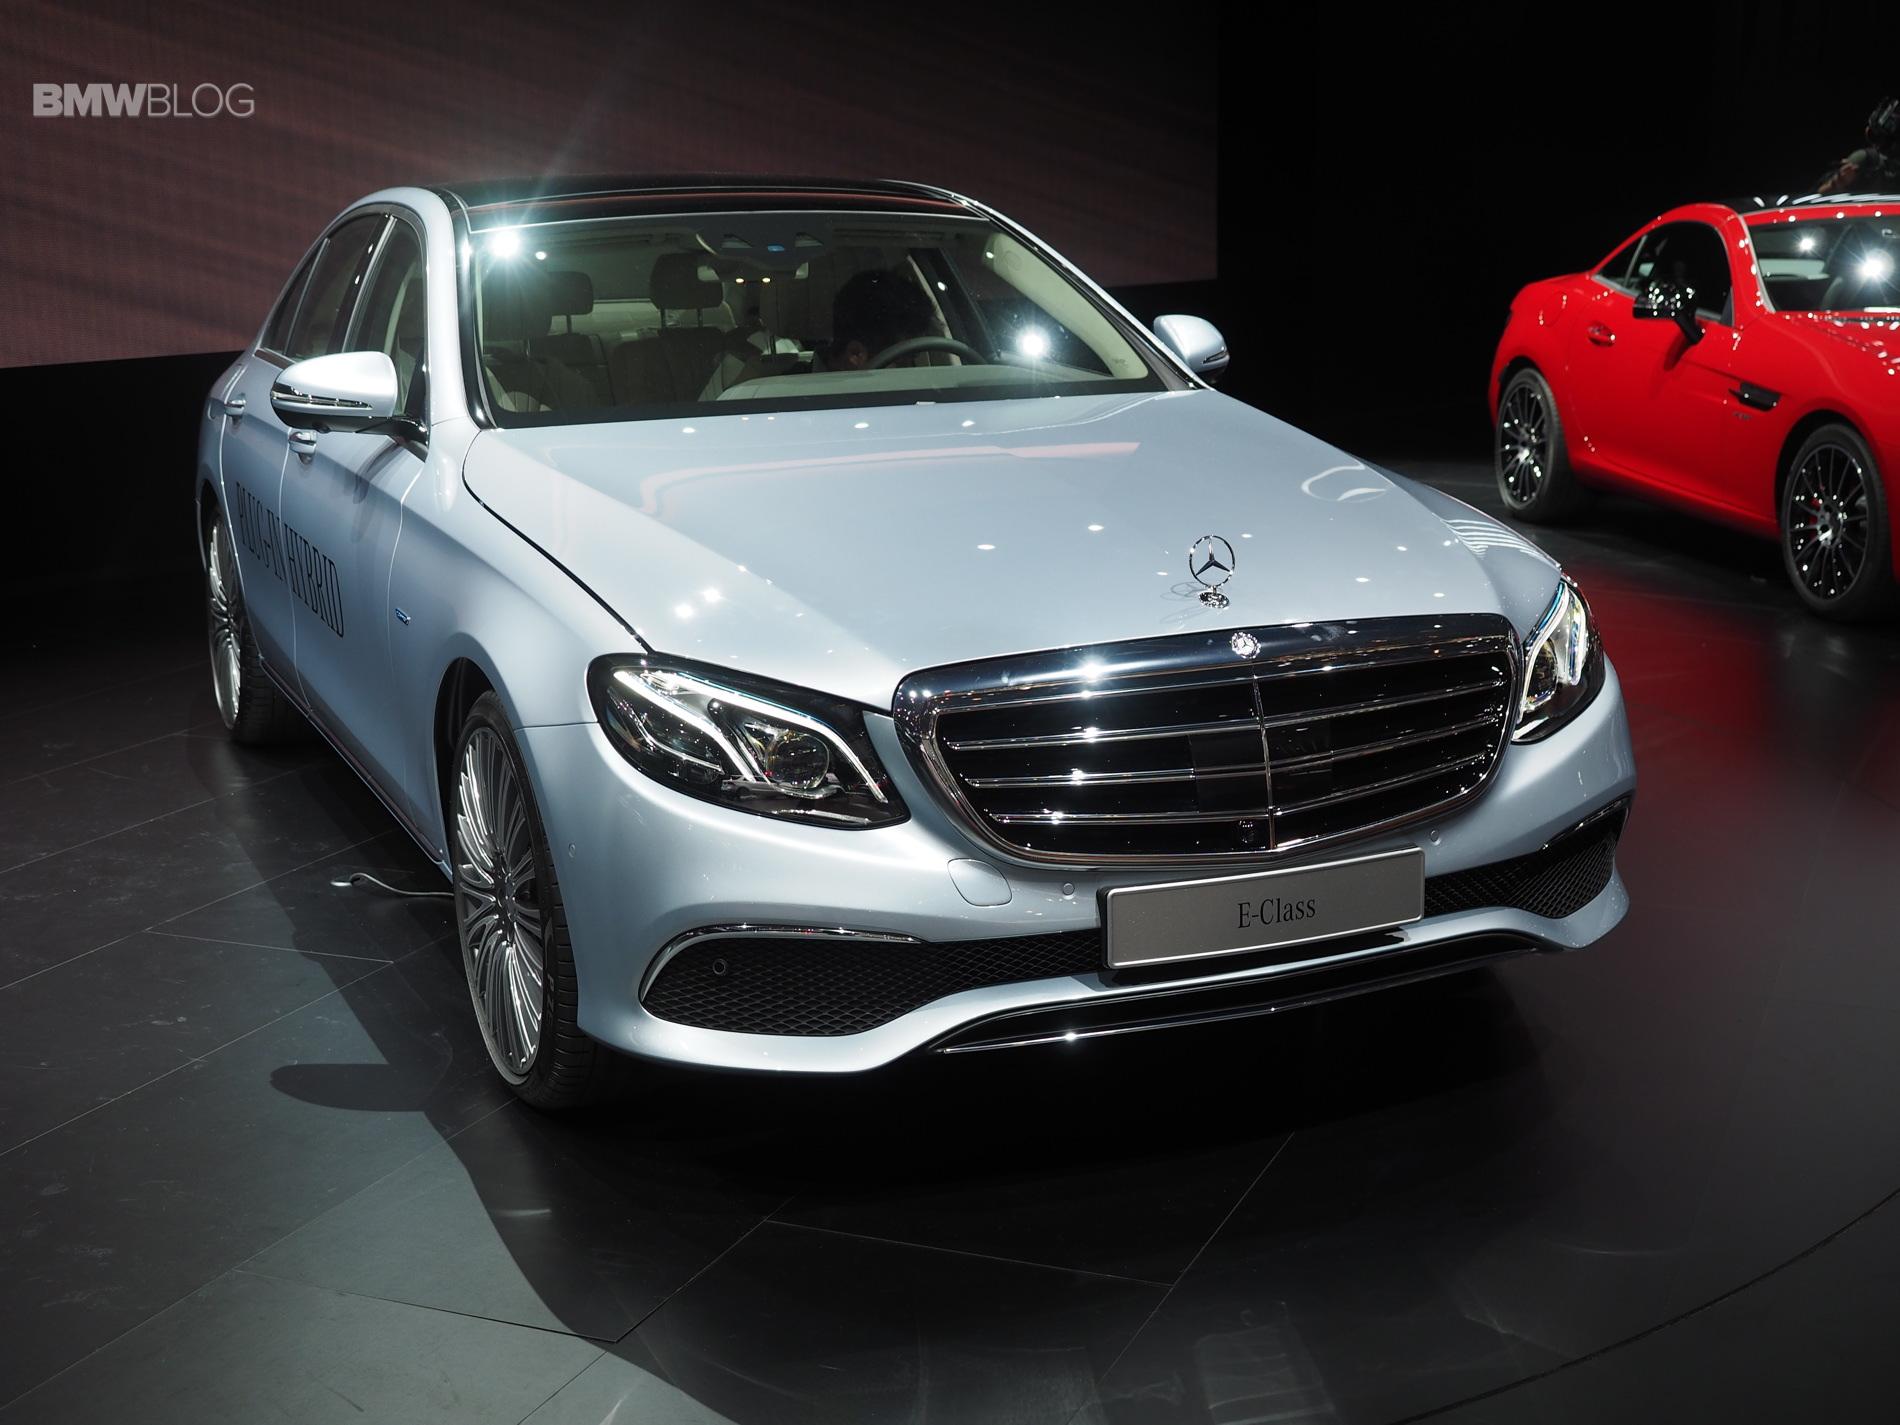 2016 Mercedes Benz E Cl Images Detroit 20 750x563